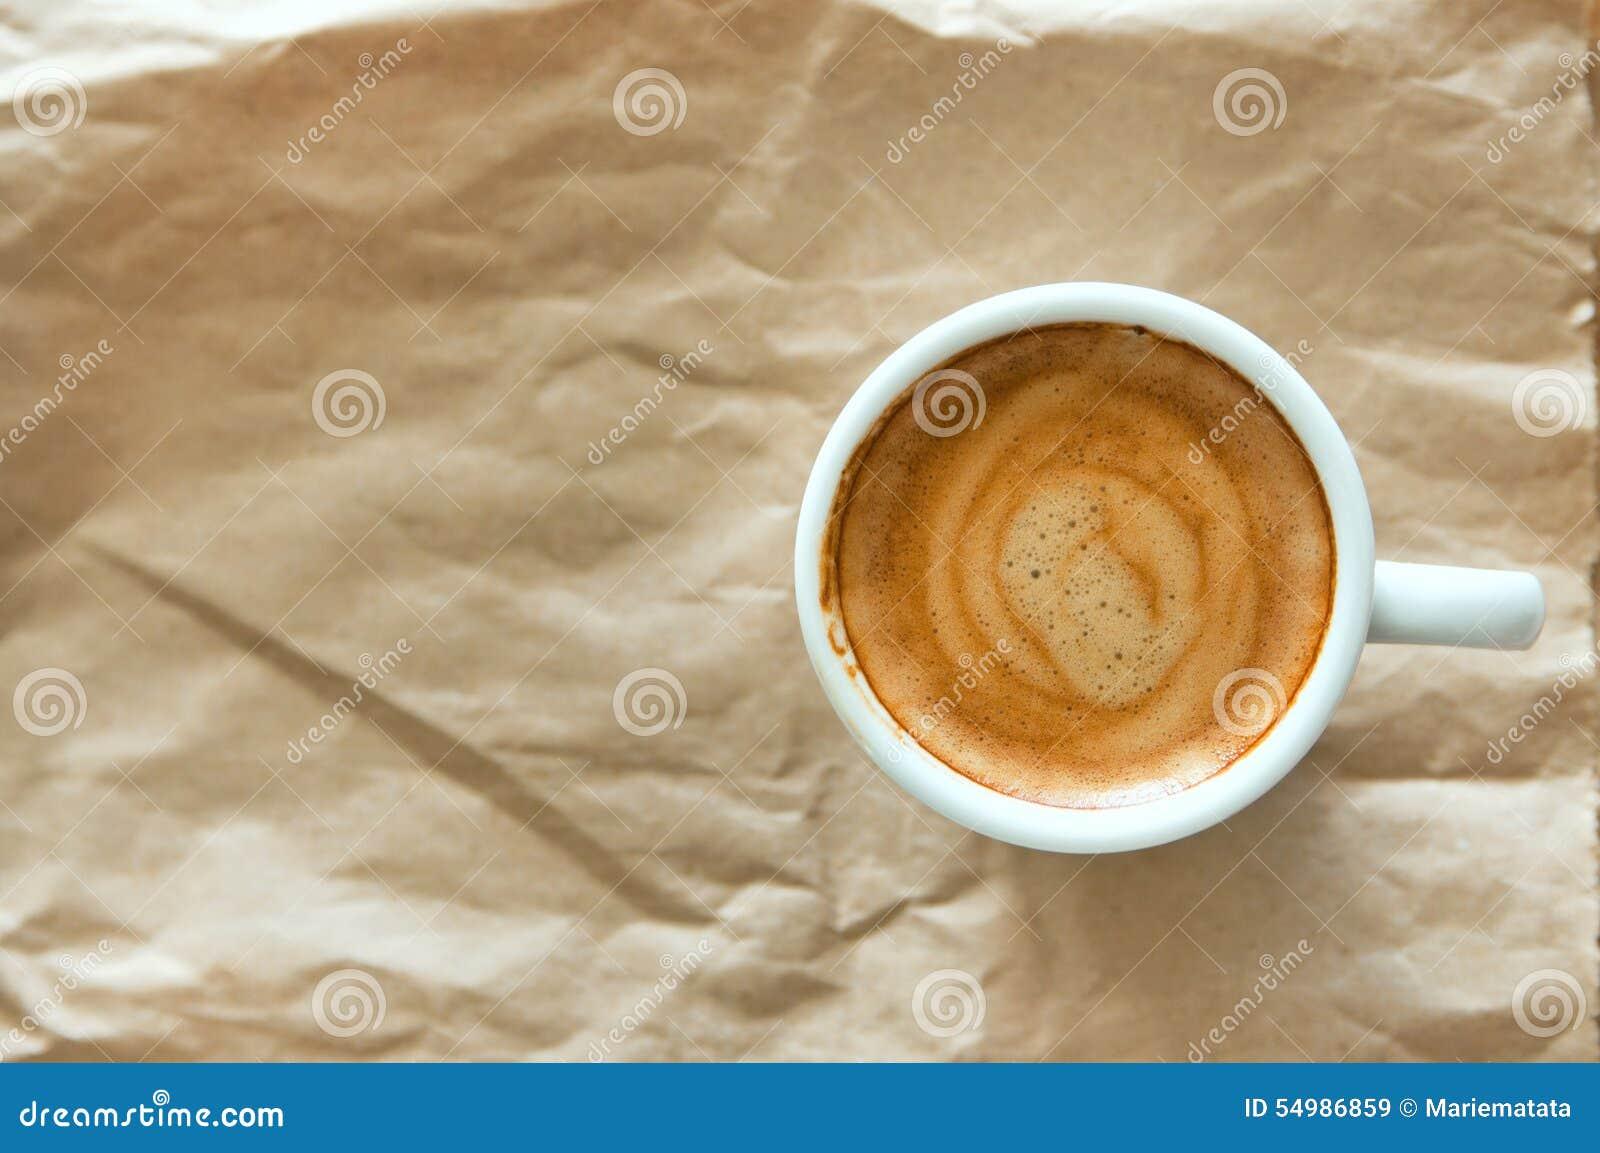 White för bana för bakgrundskaffekopp espresso isolerad